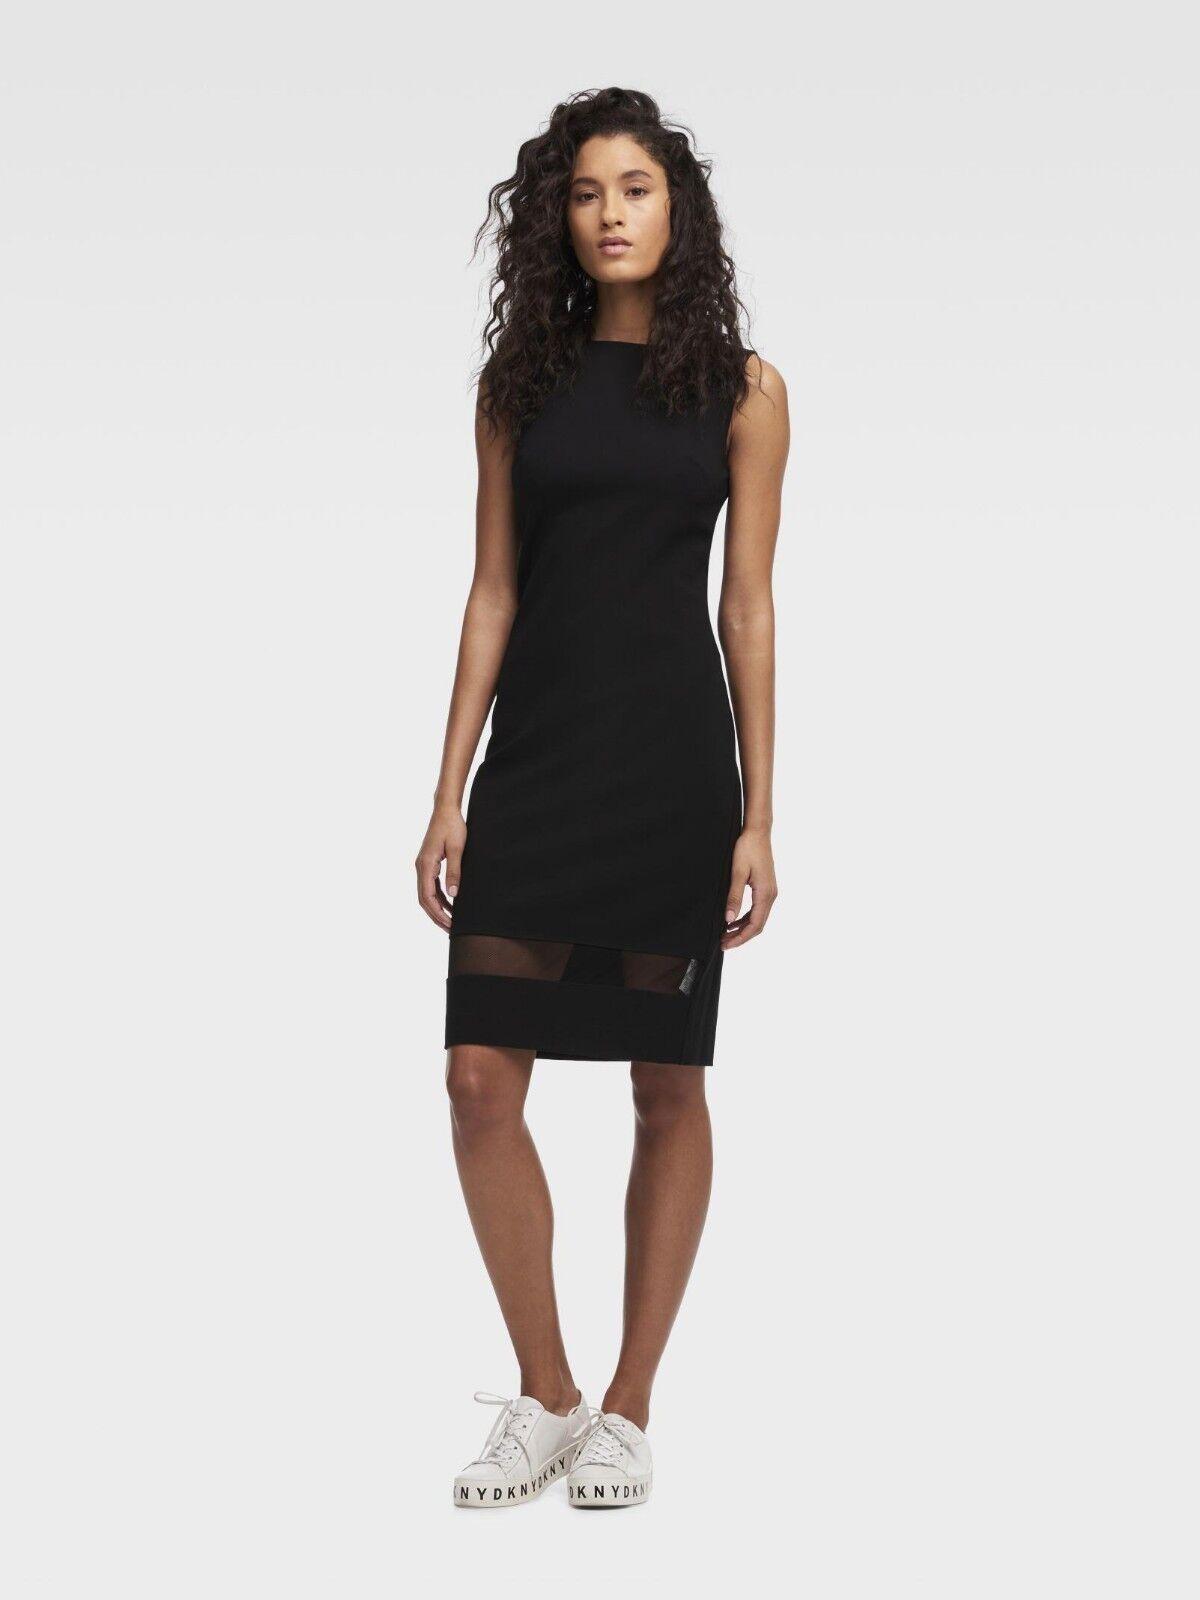 Dkny Nwt Exquisit Schwarz Netz Inset Bodycon Kleid, Größe XXS-XS S-L